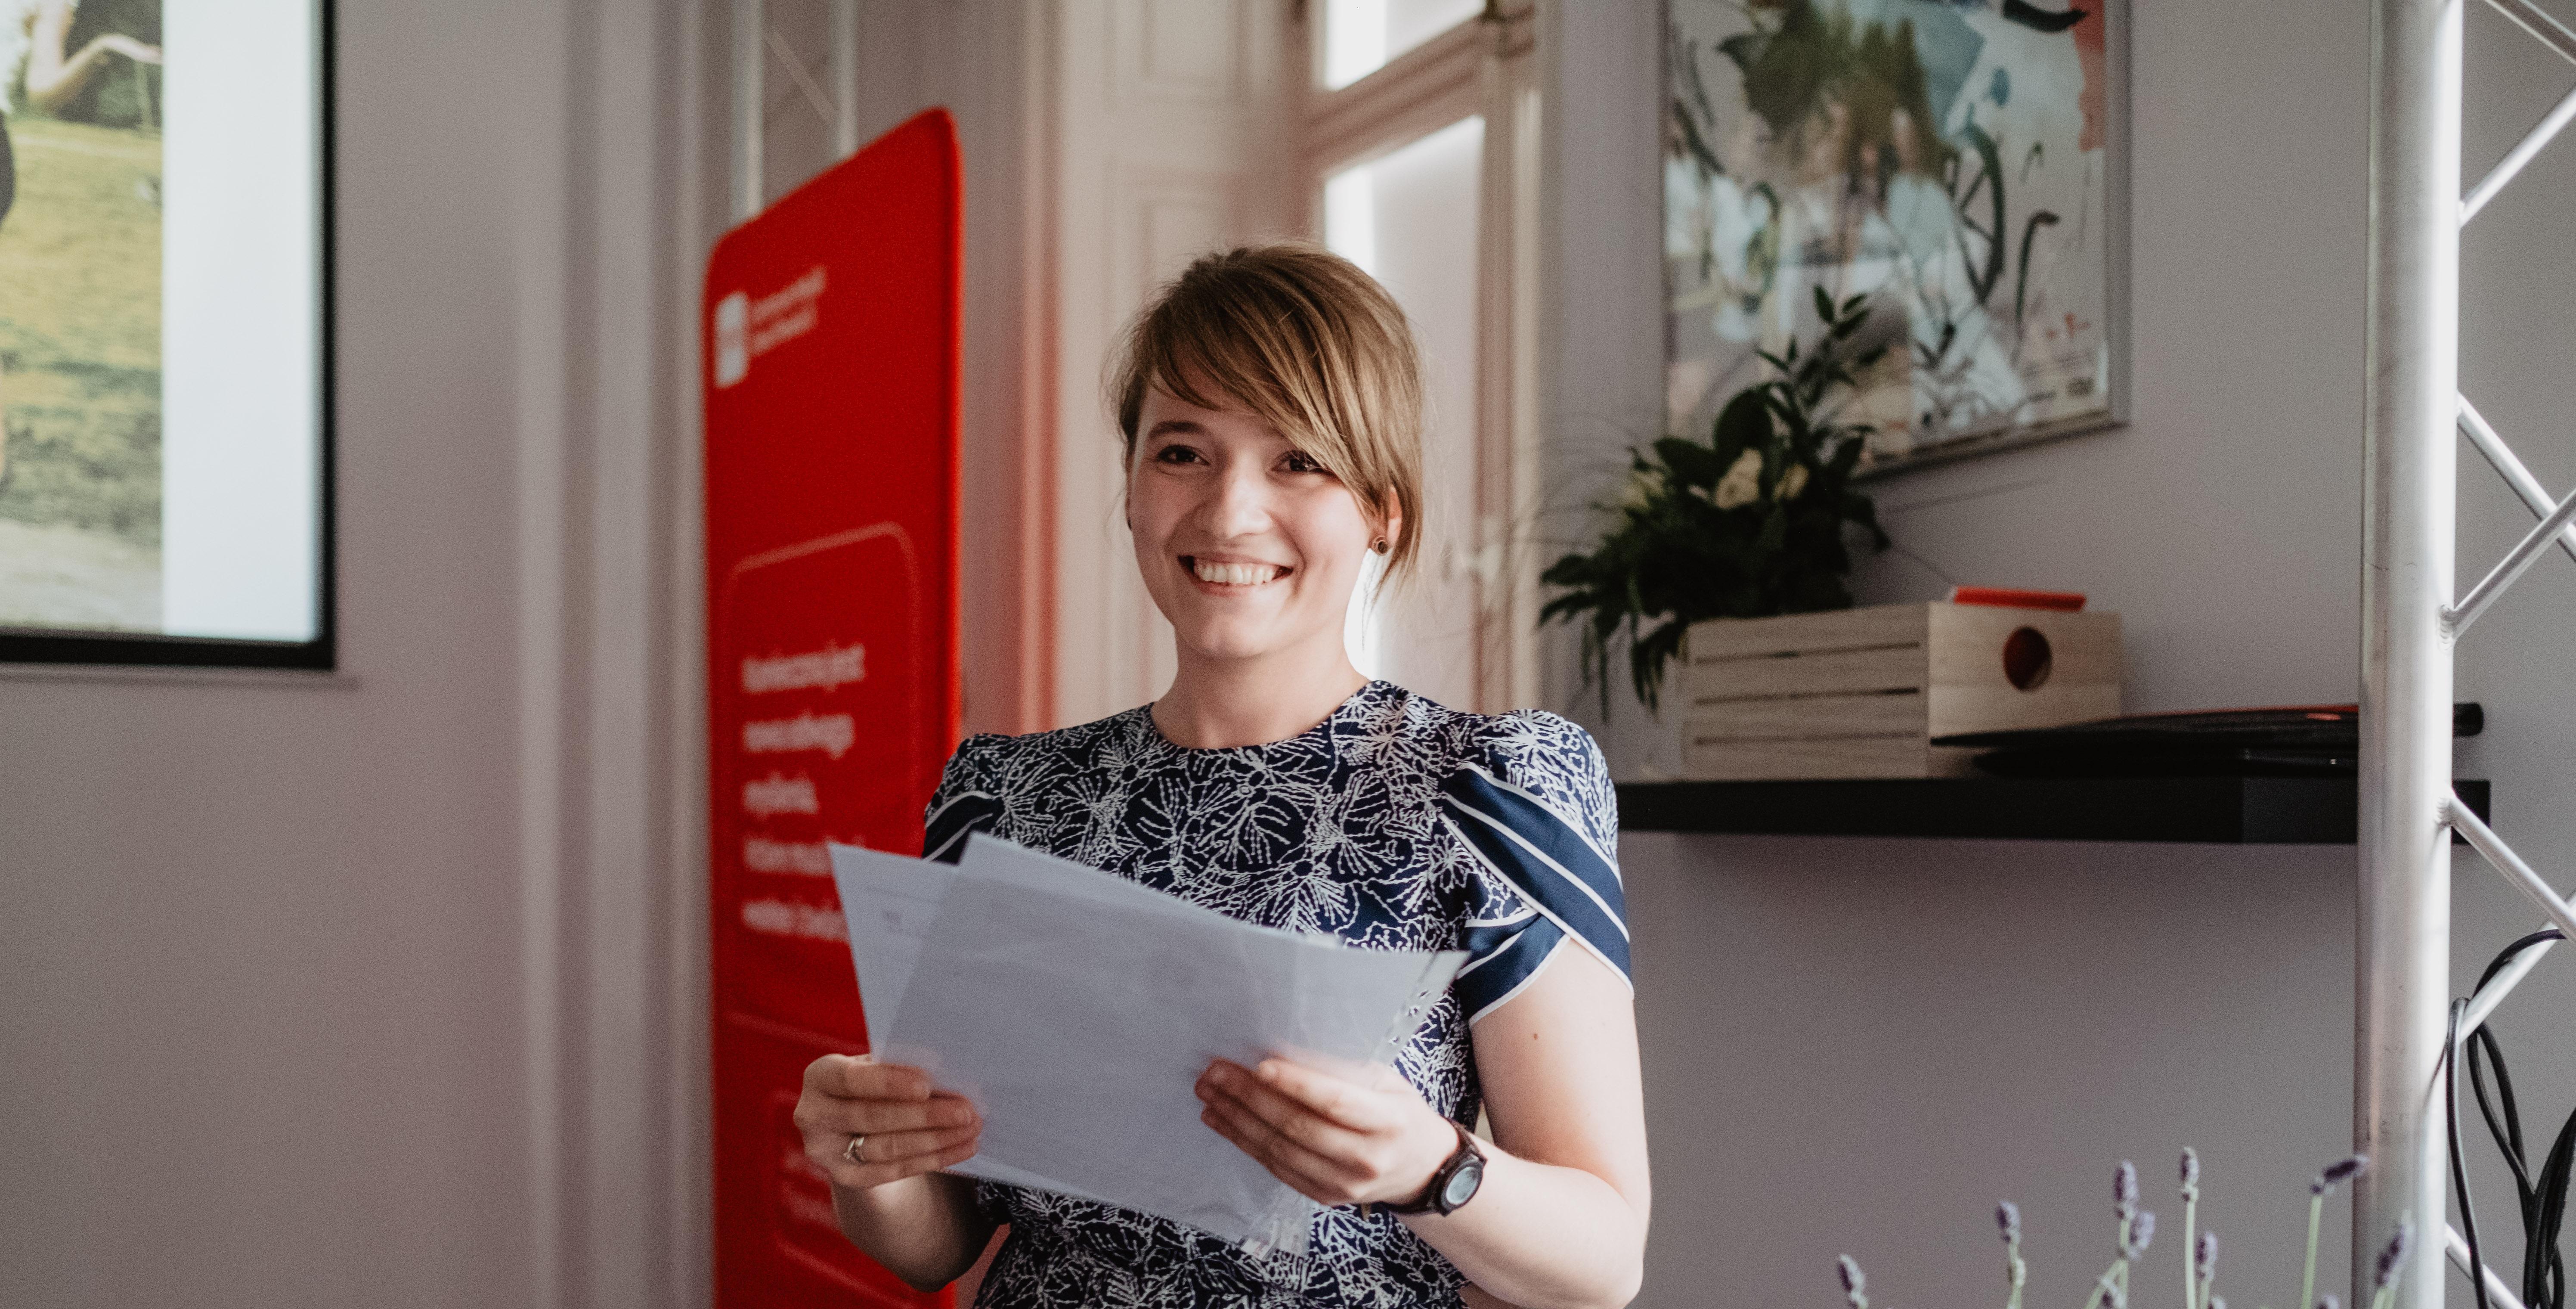 Lubię pracować z wolontariuszami i lubię ich jako ludzi – wywiad z Katarzyną Osior-Szot